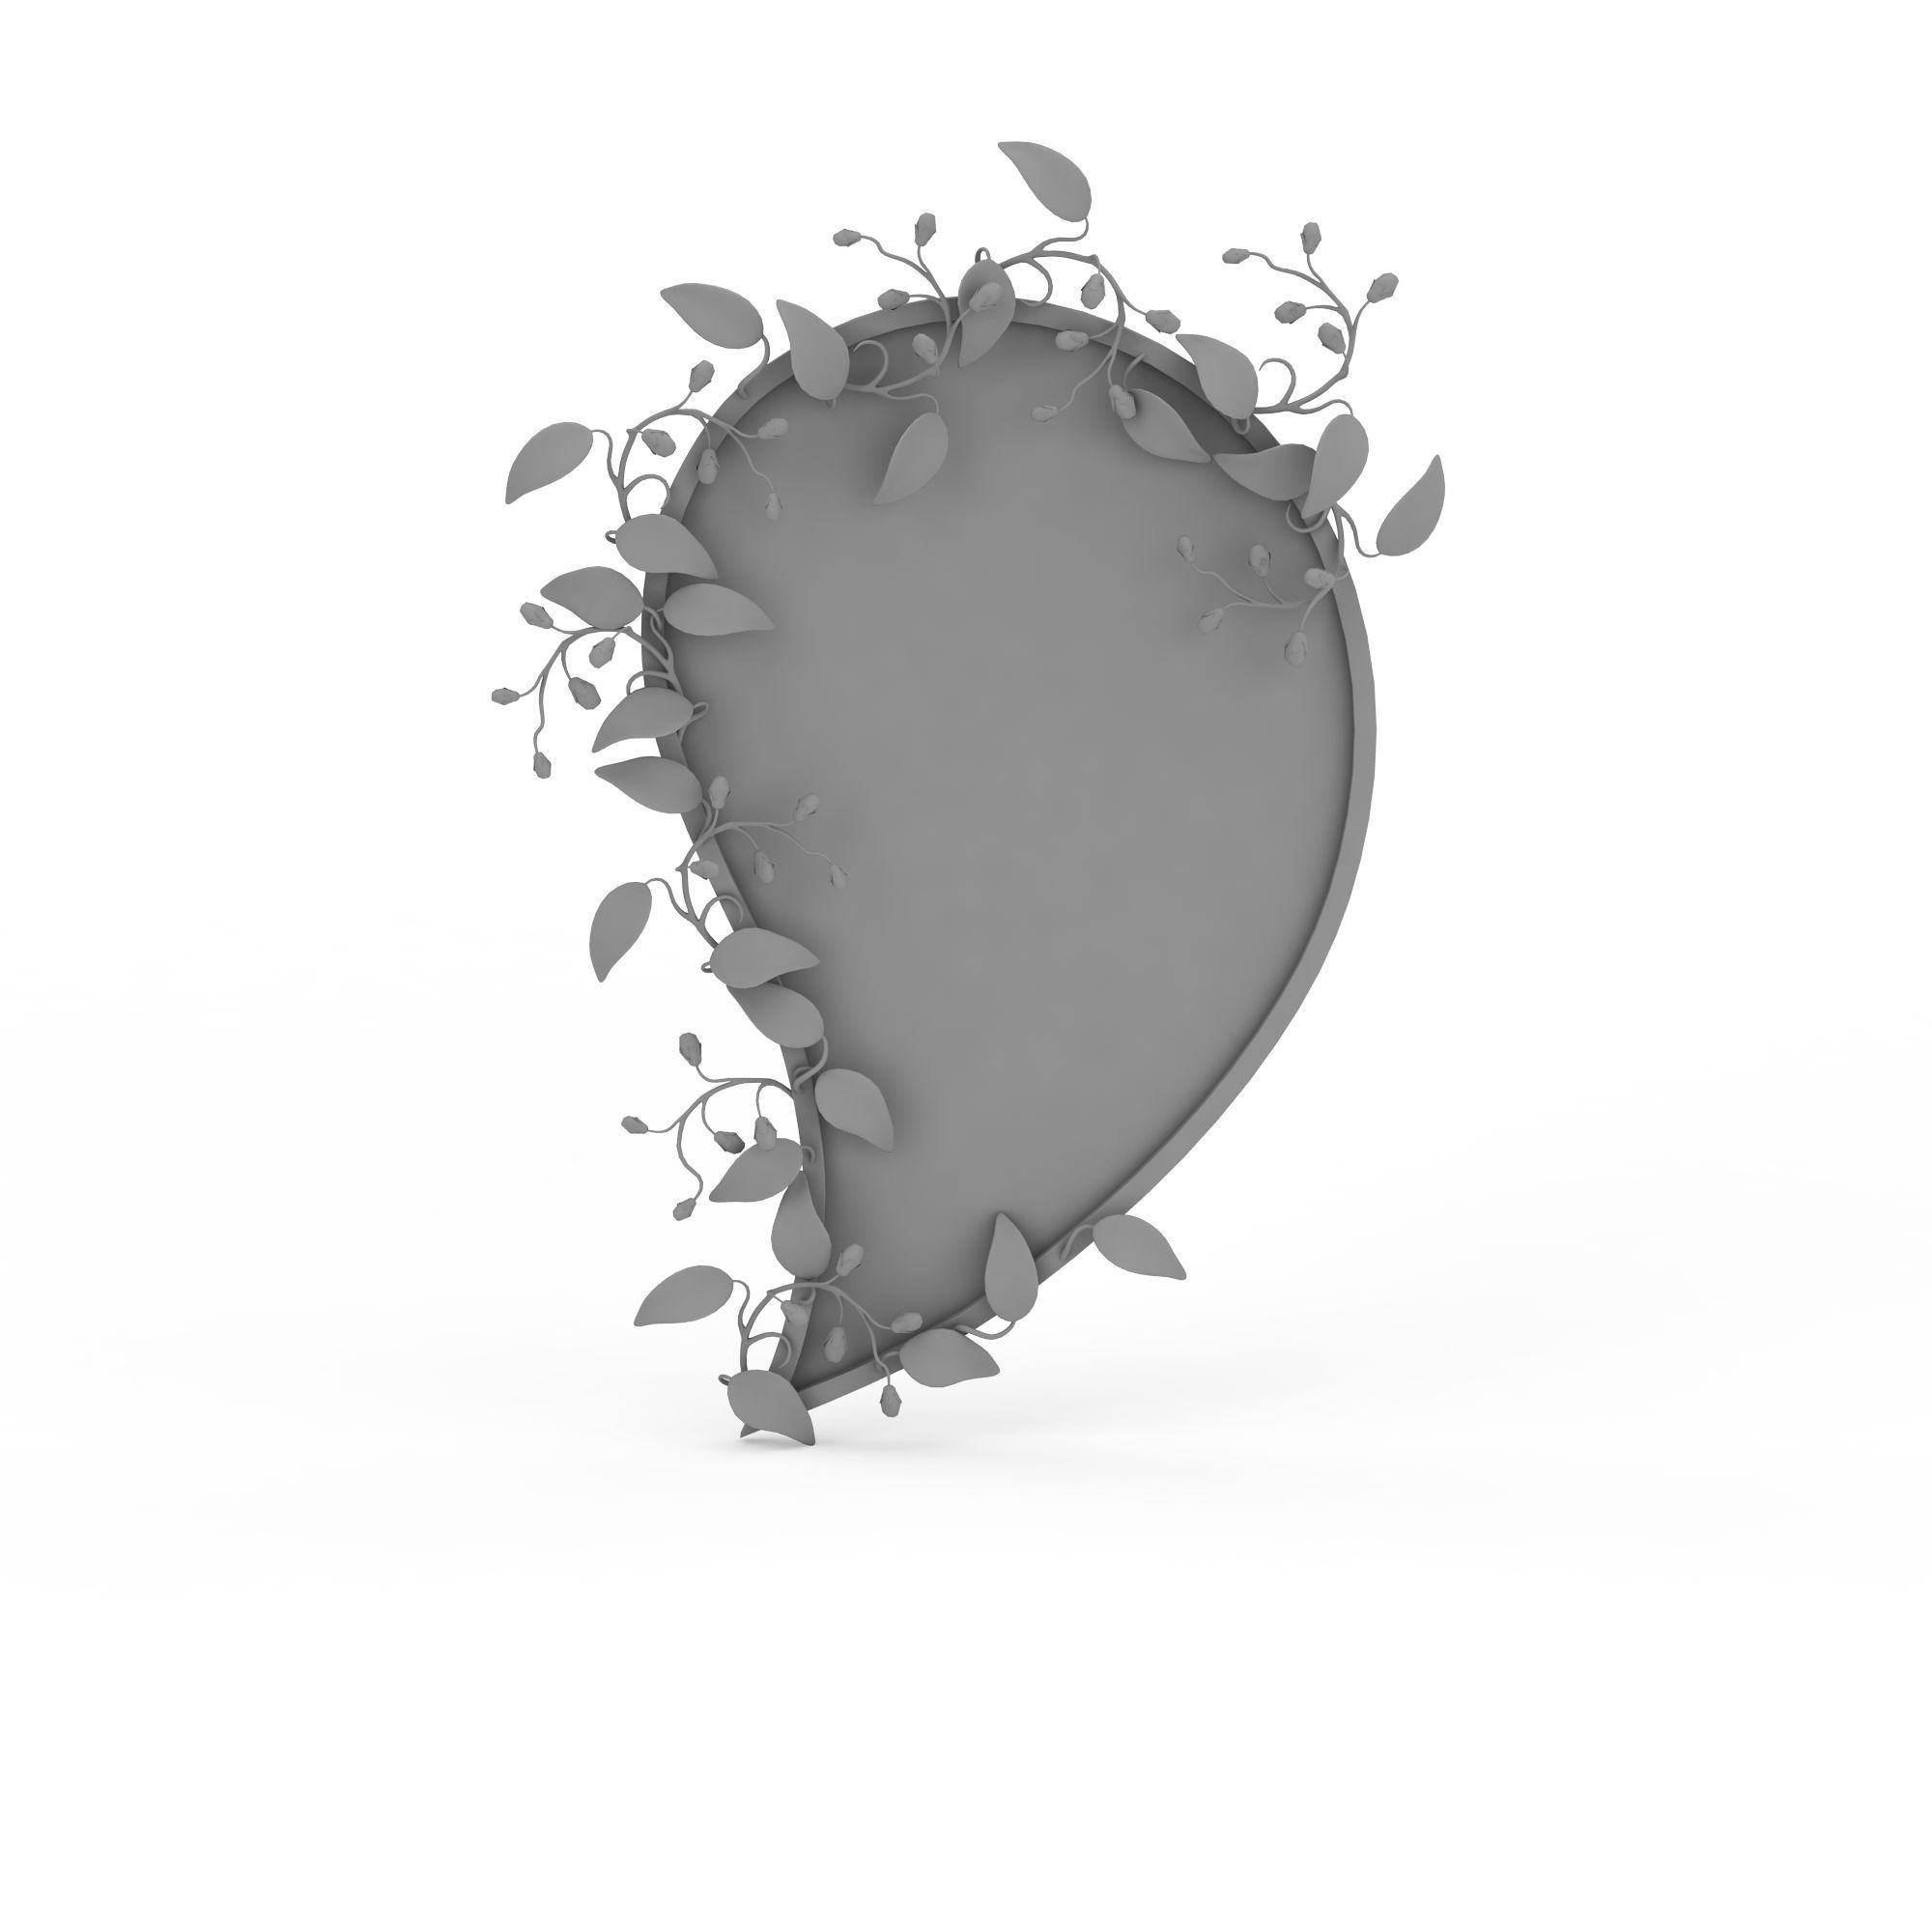 水滴状装饰品图片_水滴状装饰品png图片素材_水滴状品